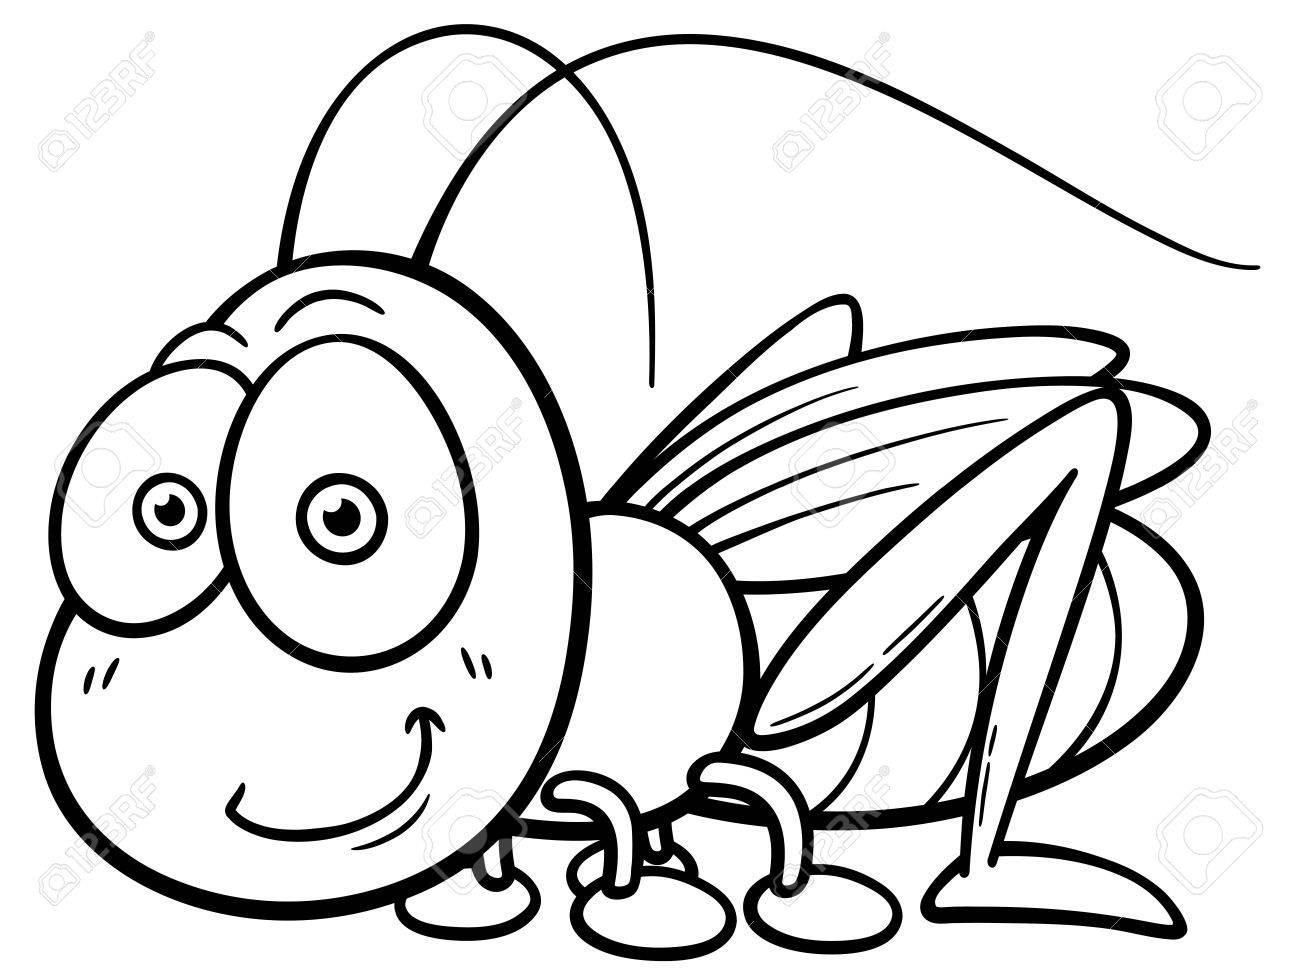 vector illustration of cartoon grasshopper coloring book royalty rh 123rf com